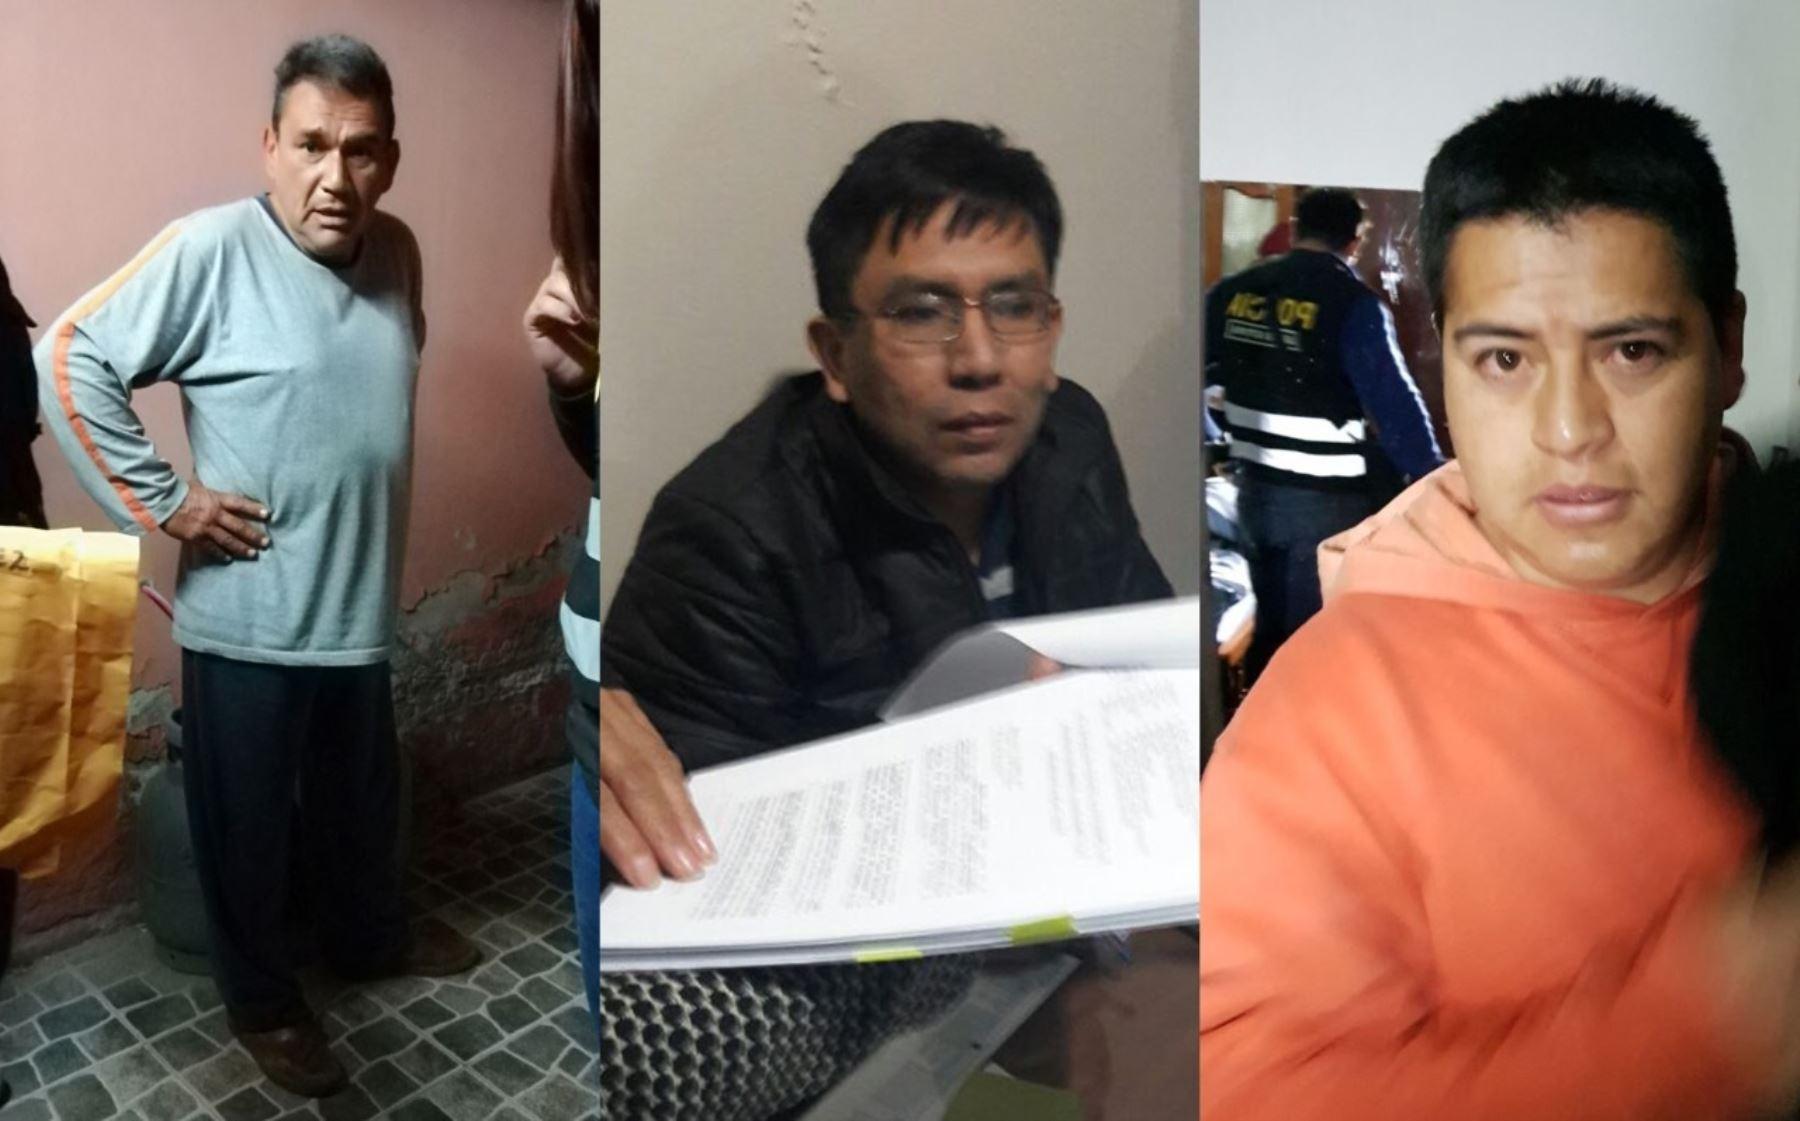 PNP capturó a 22 integrantes de Los Magos de UGEL. Se calcula que habrían malversado fondos públicos por 7 millones de soles.